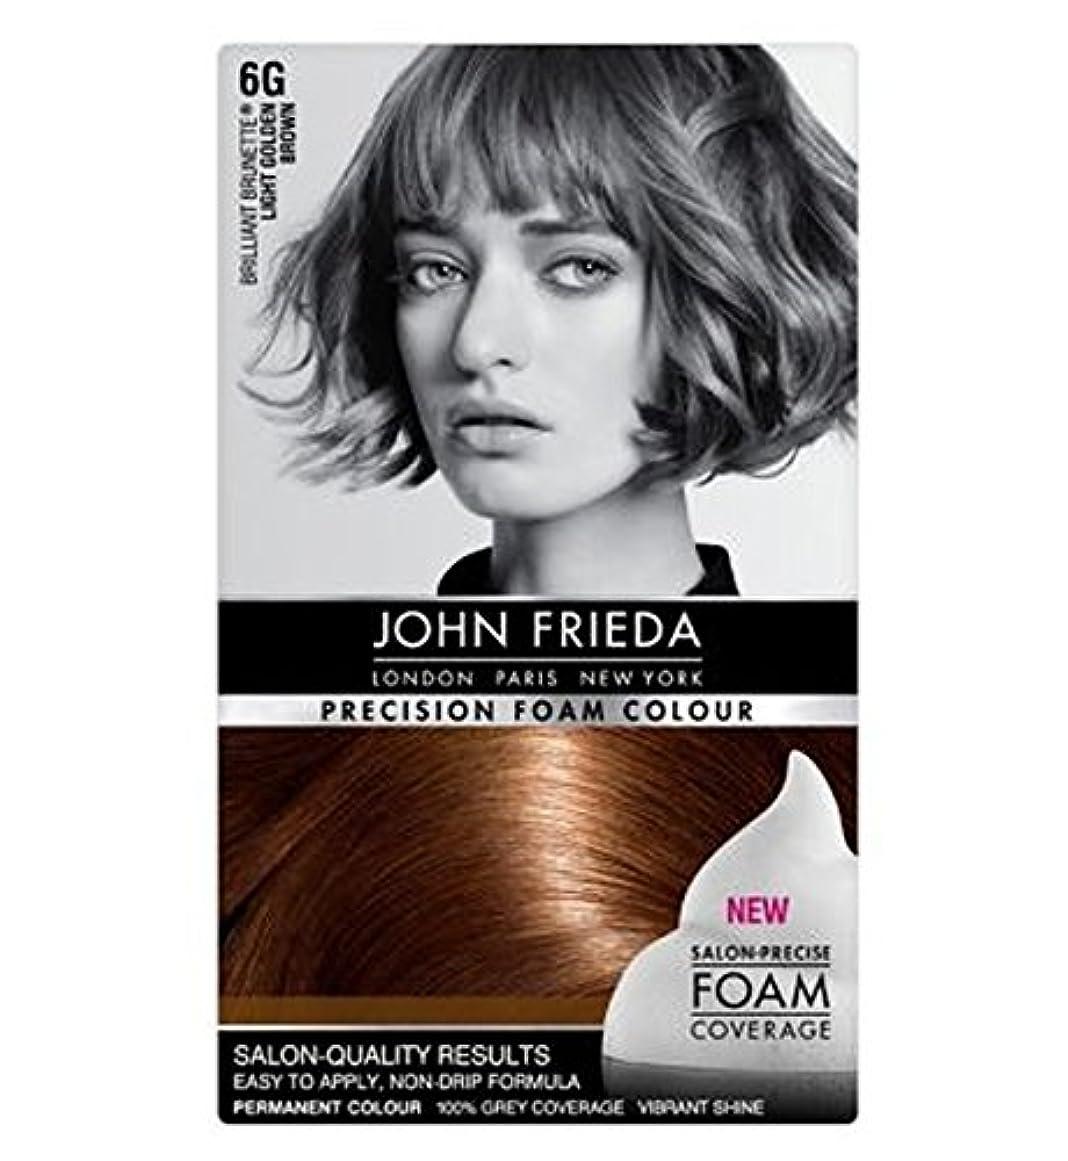 過度に喉が渇いた官僚ジョン?フリーダ精密泡カラー6グラムライトゴールデンブラウン (John Frieda) (x2) - John Frieda Precision Foam Colour 6G Light Golden Brown (Pack...